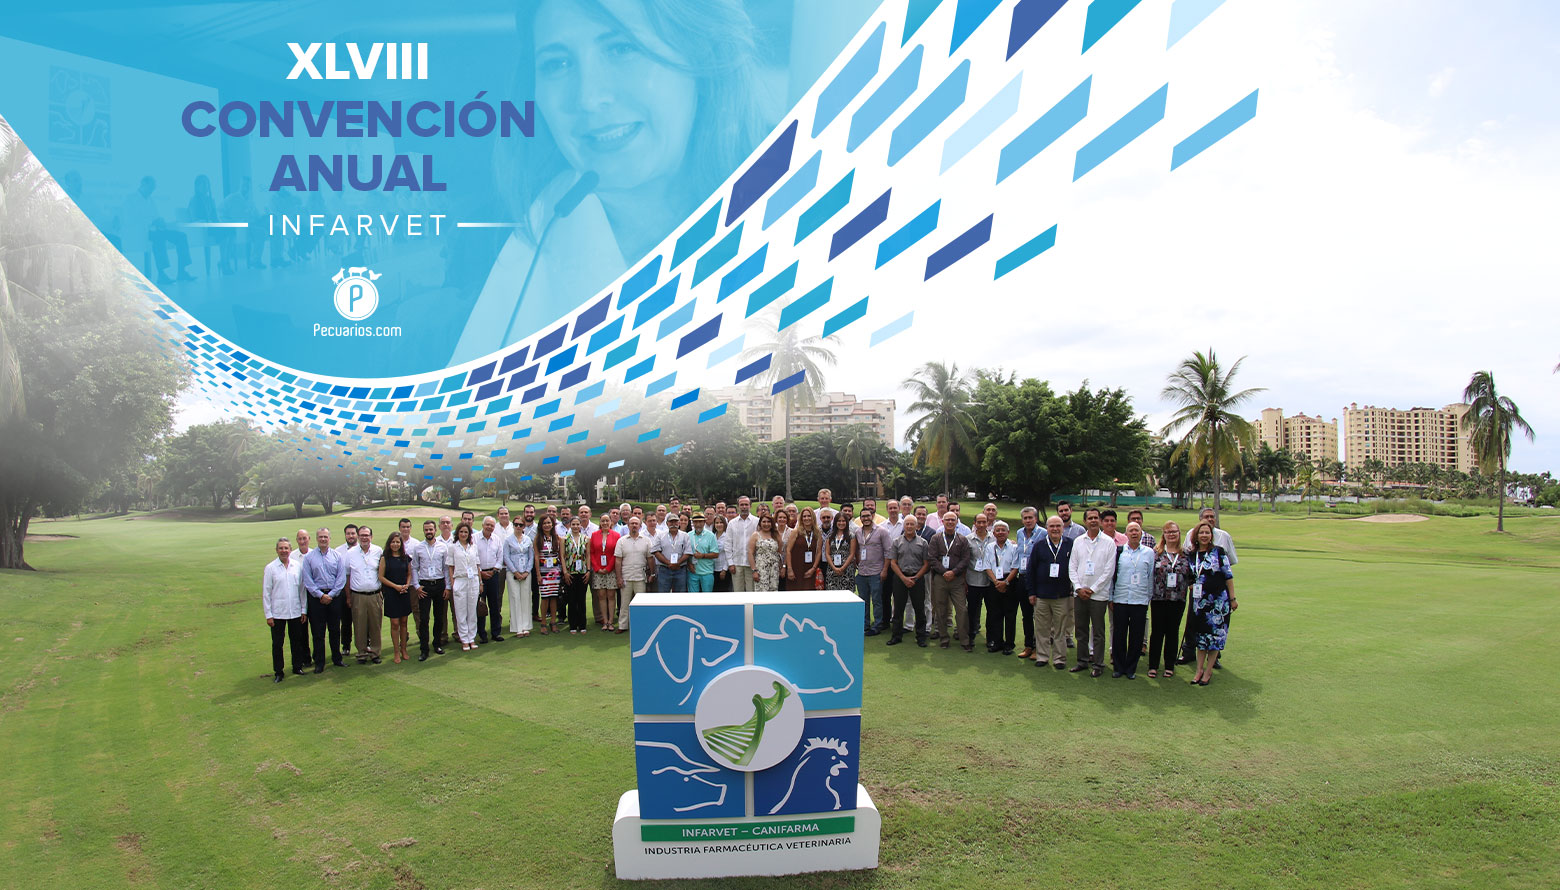 Innovax Experience; la experiencia de MSD Salud Animal que reunió a la avicultura de Latinoamérica